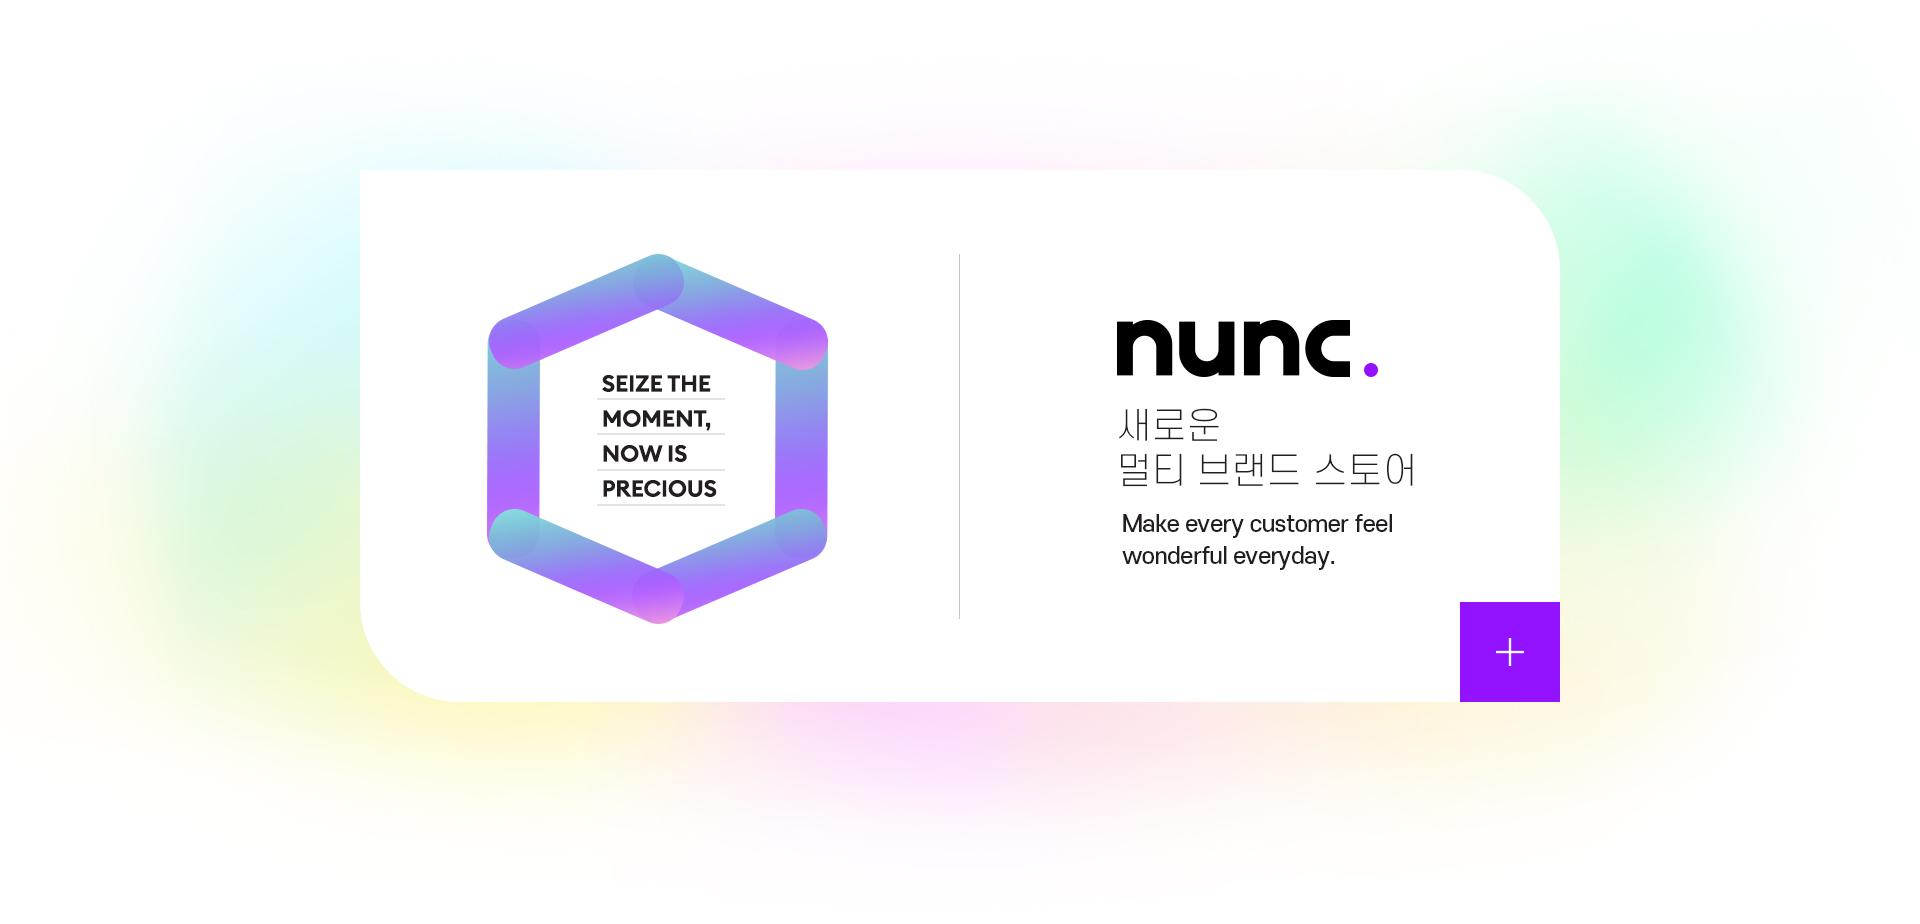 nunc 브랜드 스토리